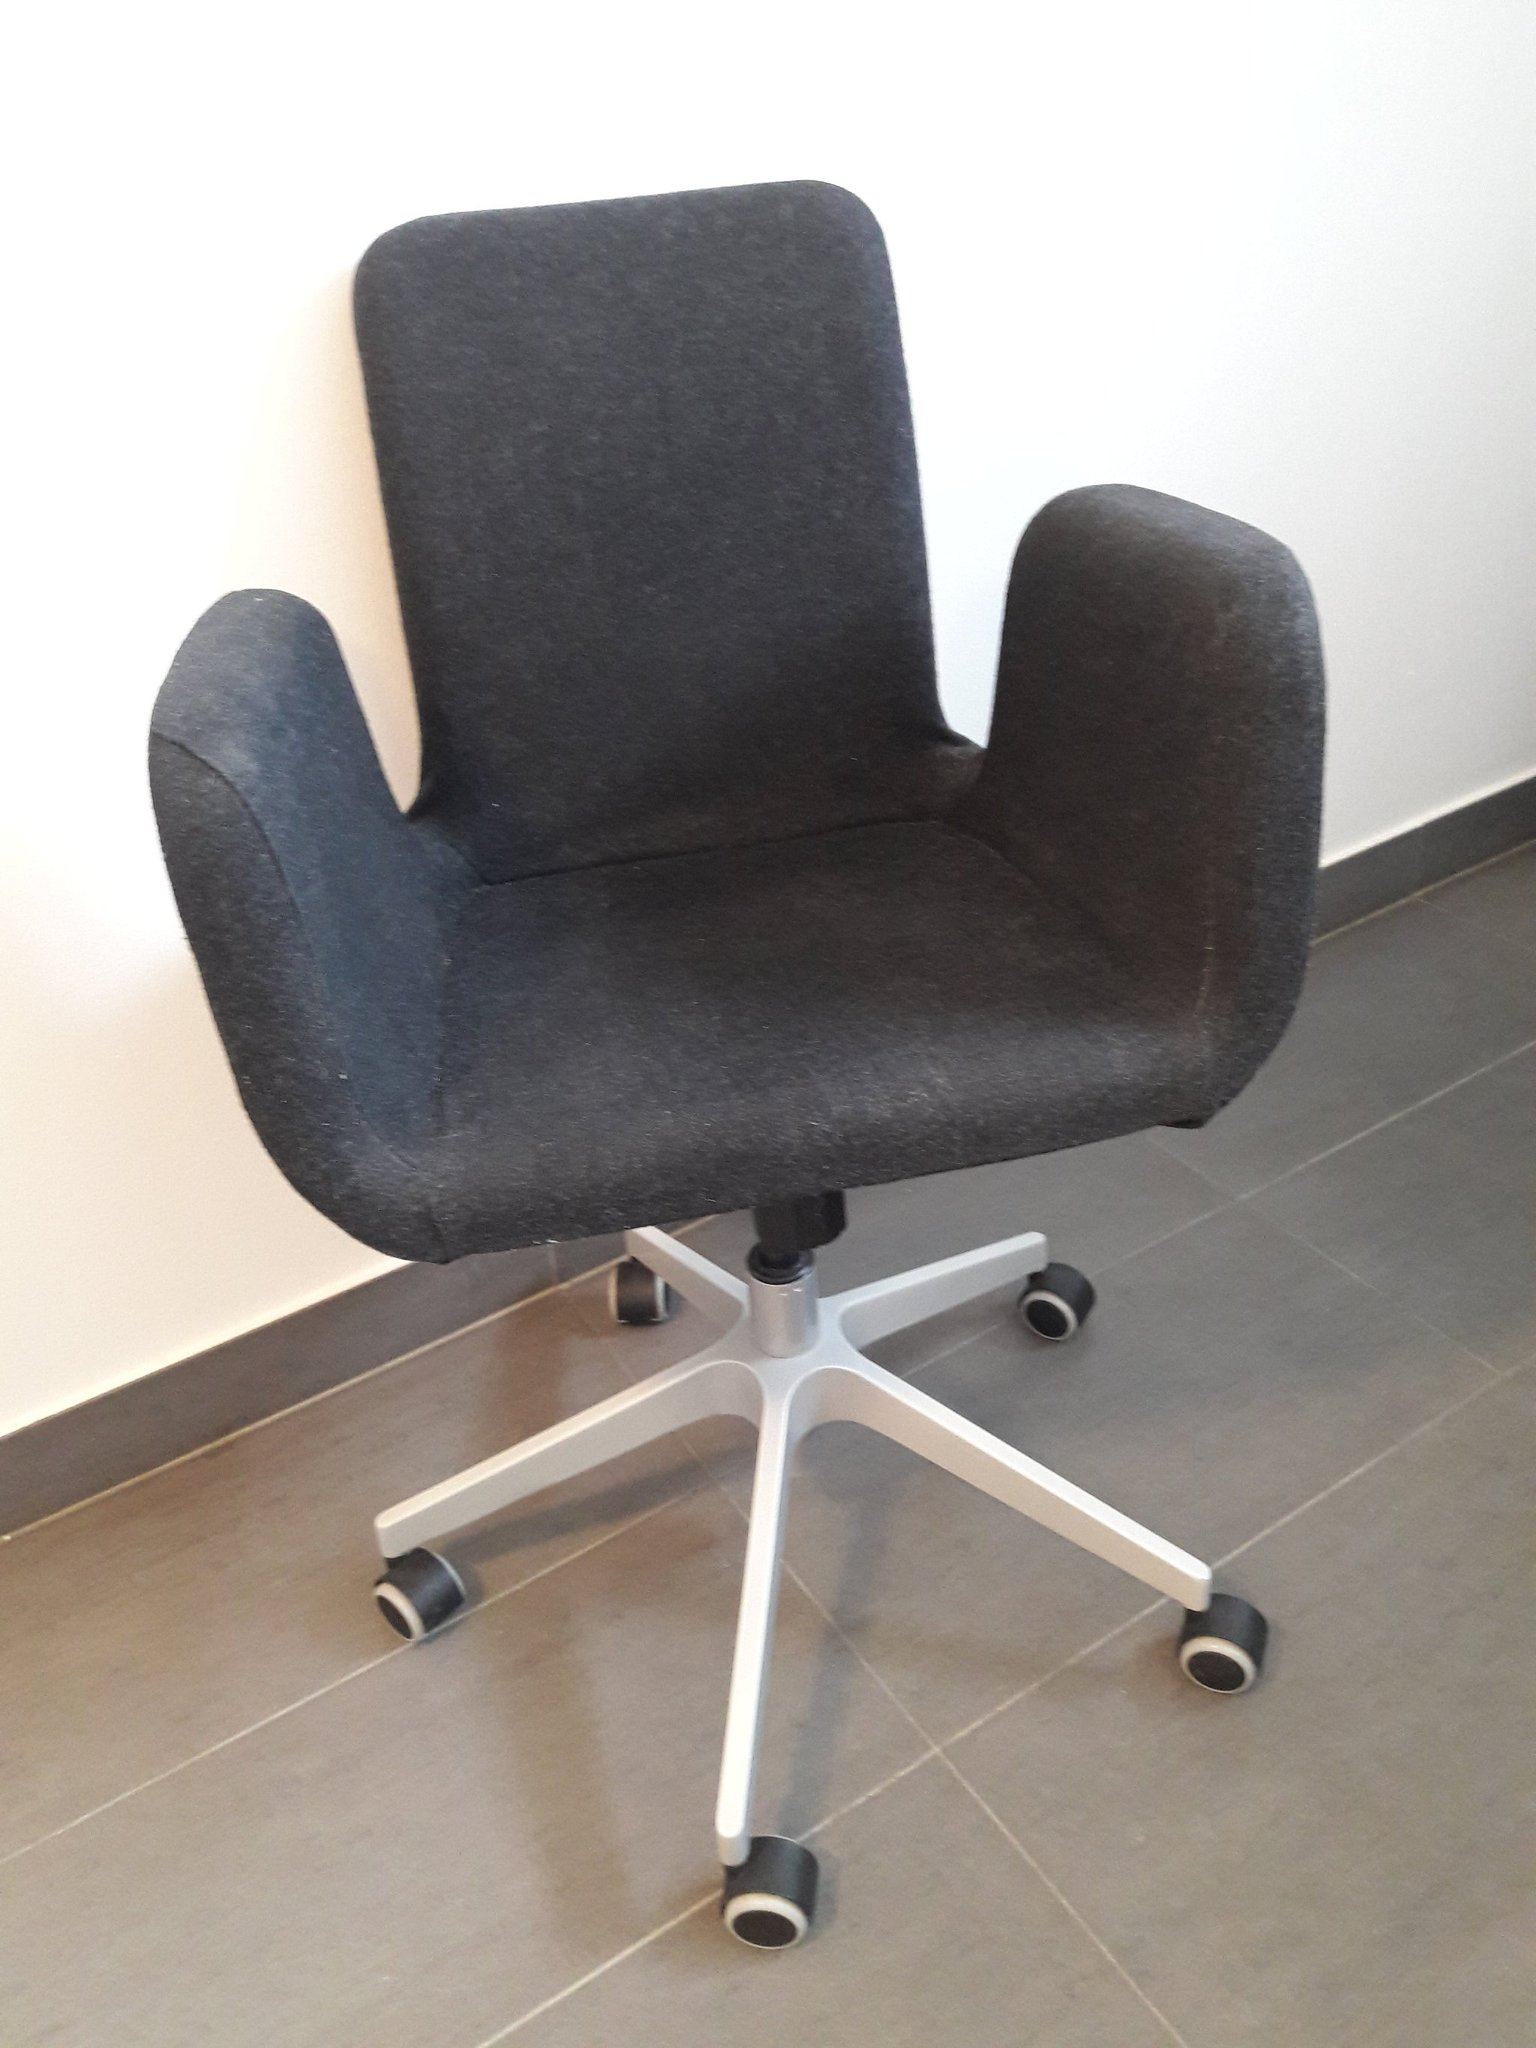 Bra Skrivbordsstol/kontorsstol mörkgrå, snygg design (358612755) ᐈ GD-68